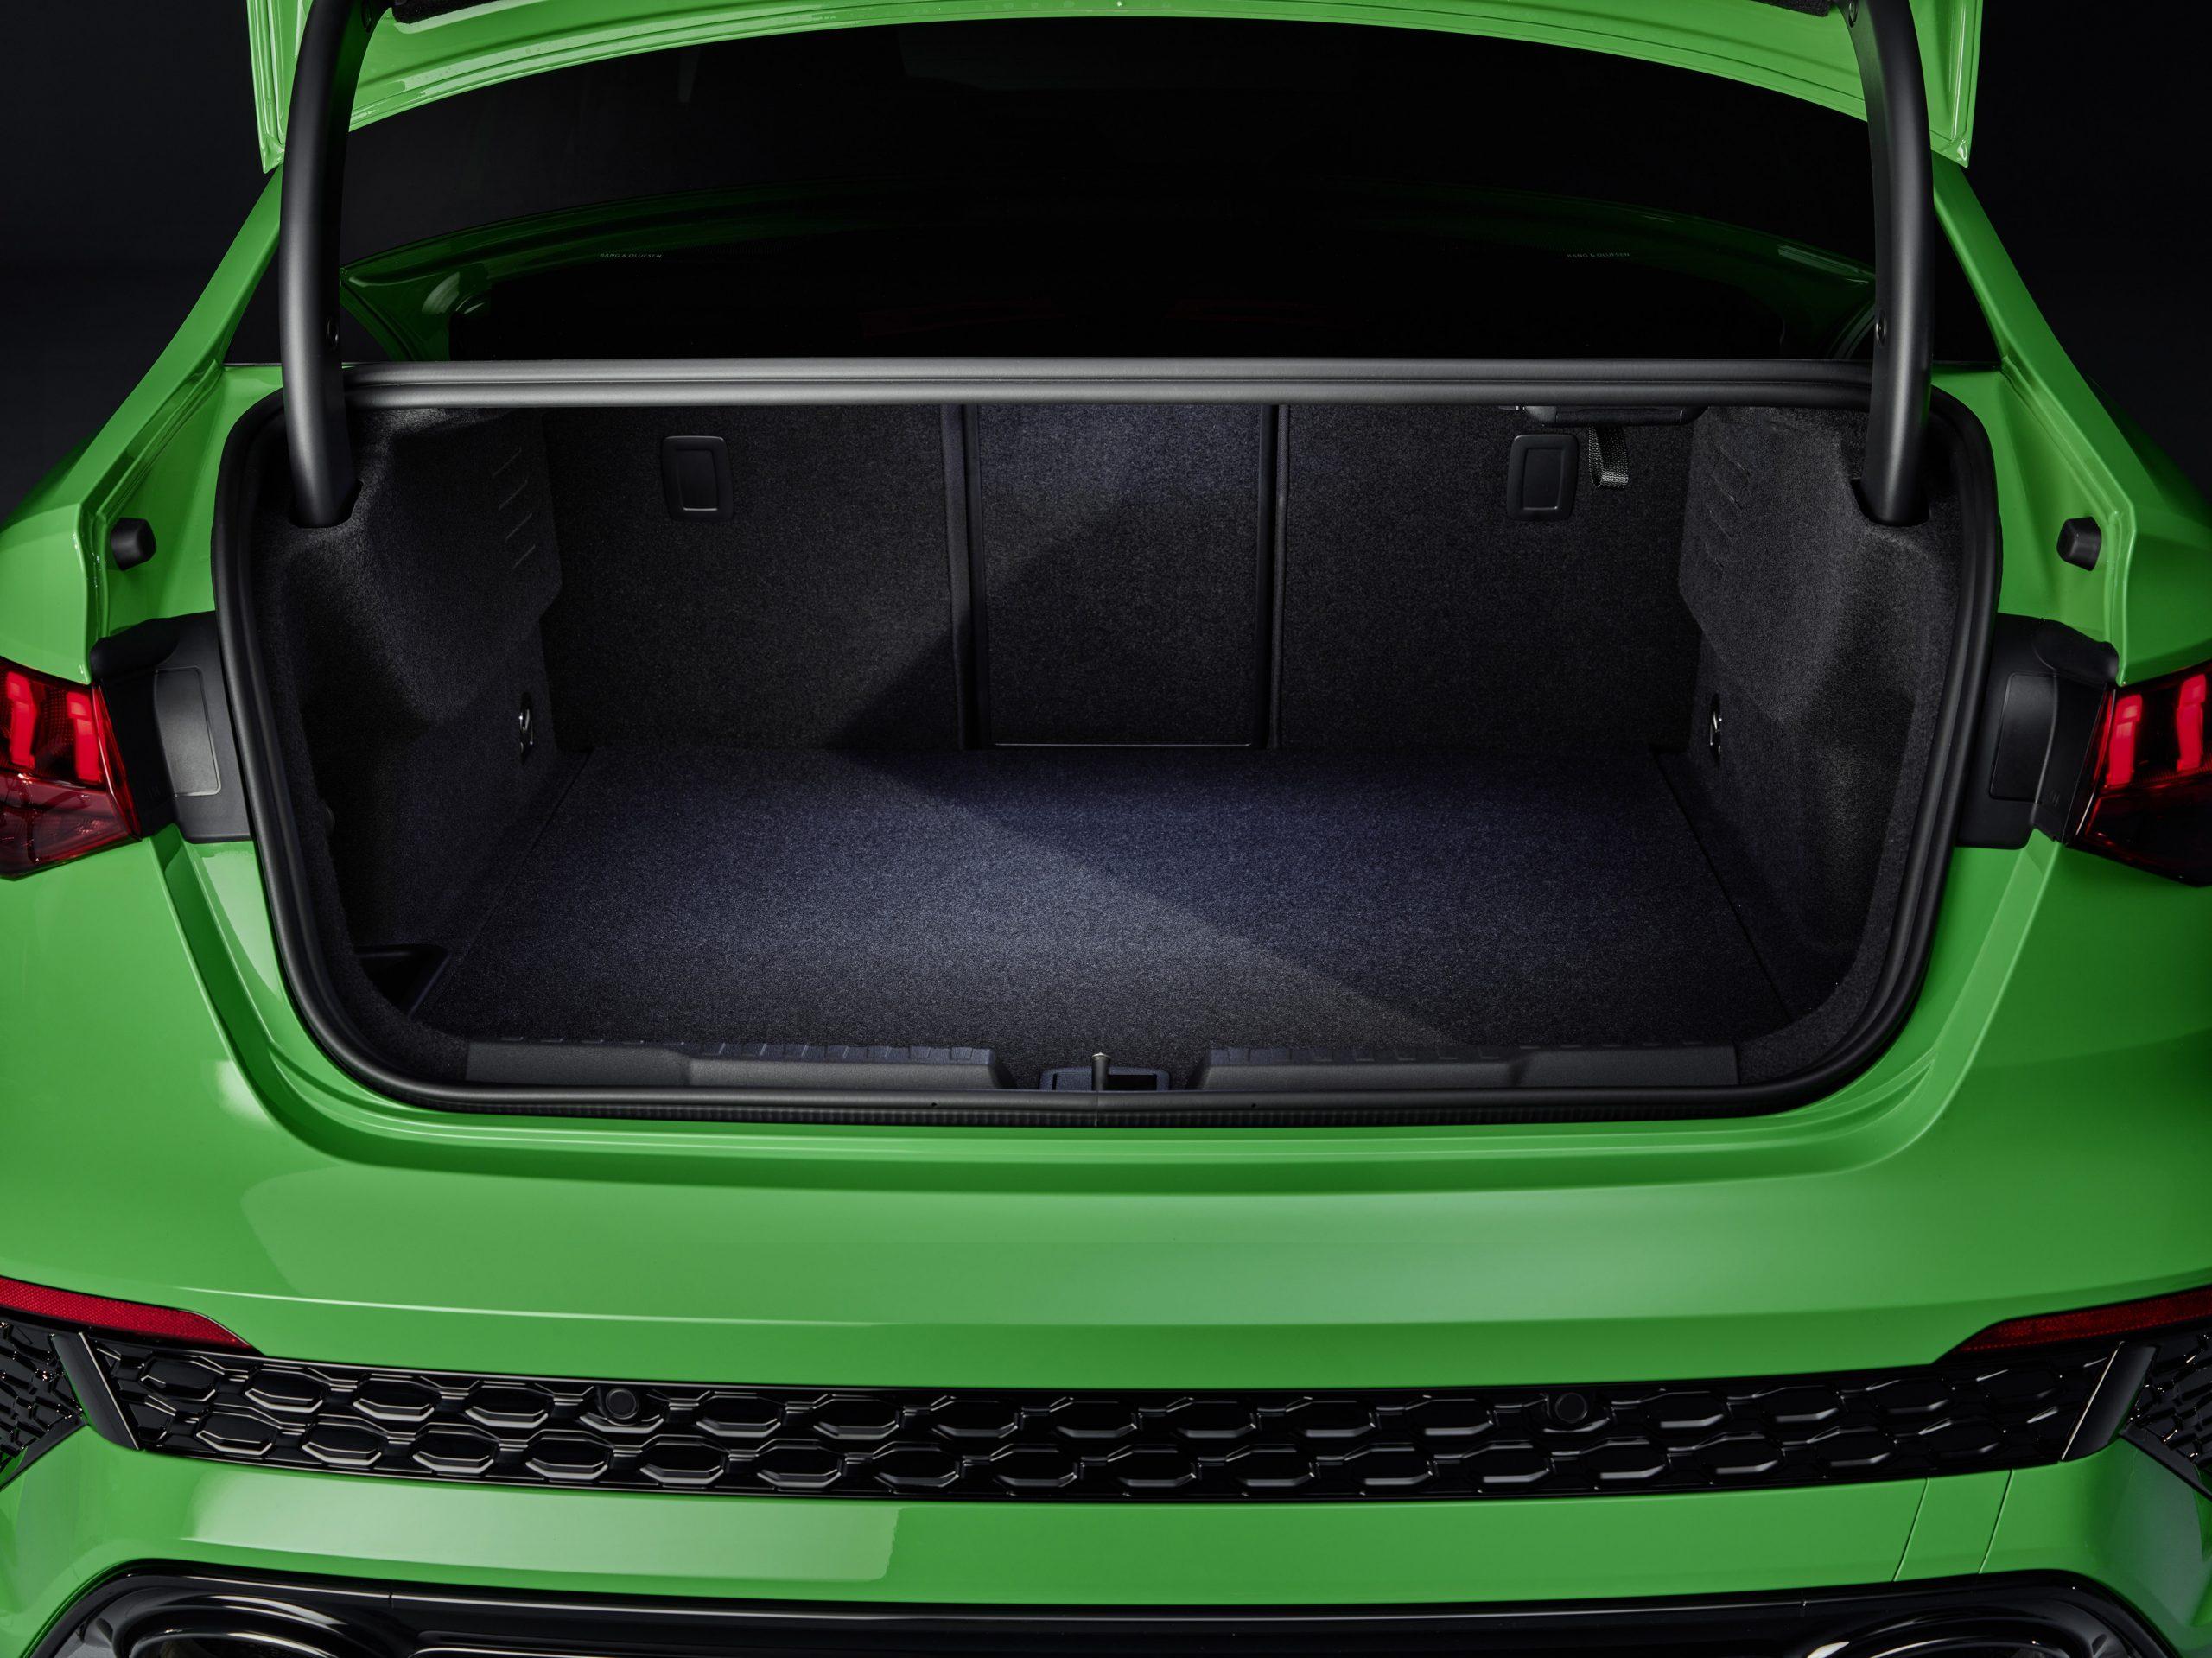 2022 audi rs 3 interior trunk